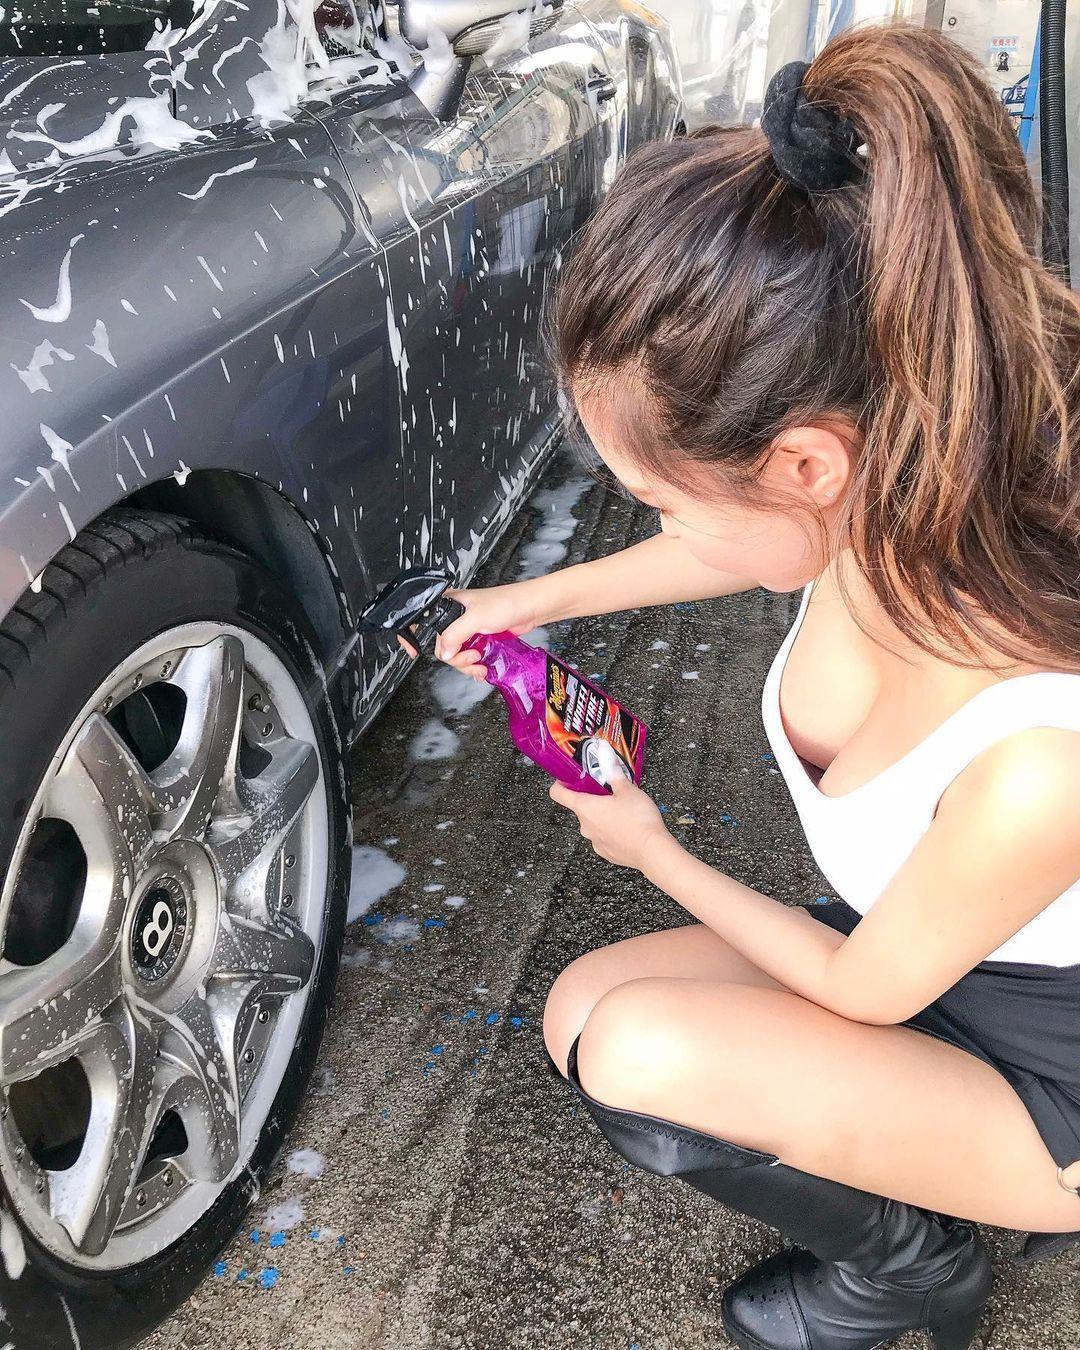 大胸妹叶凯琪自助洗车呼之欲出爆风景让人看傻眼 男人文娱 热图4